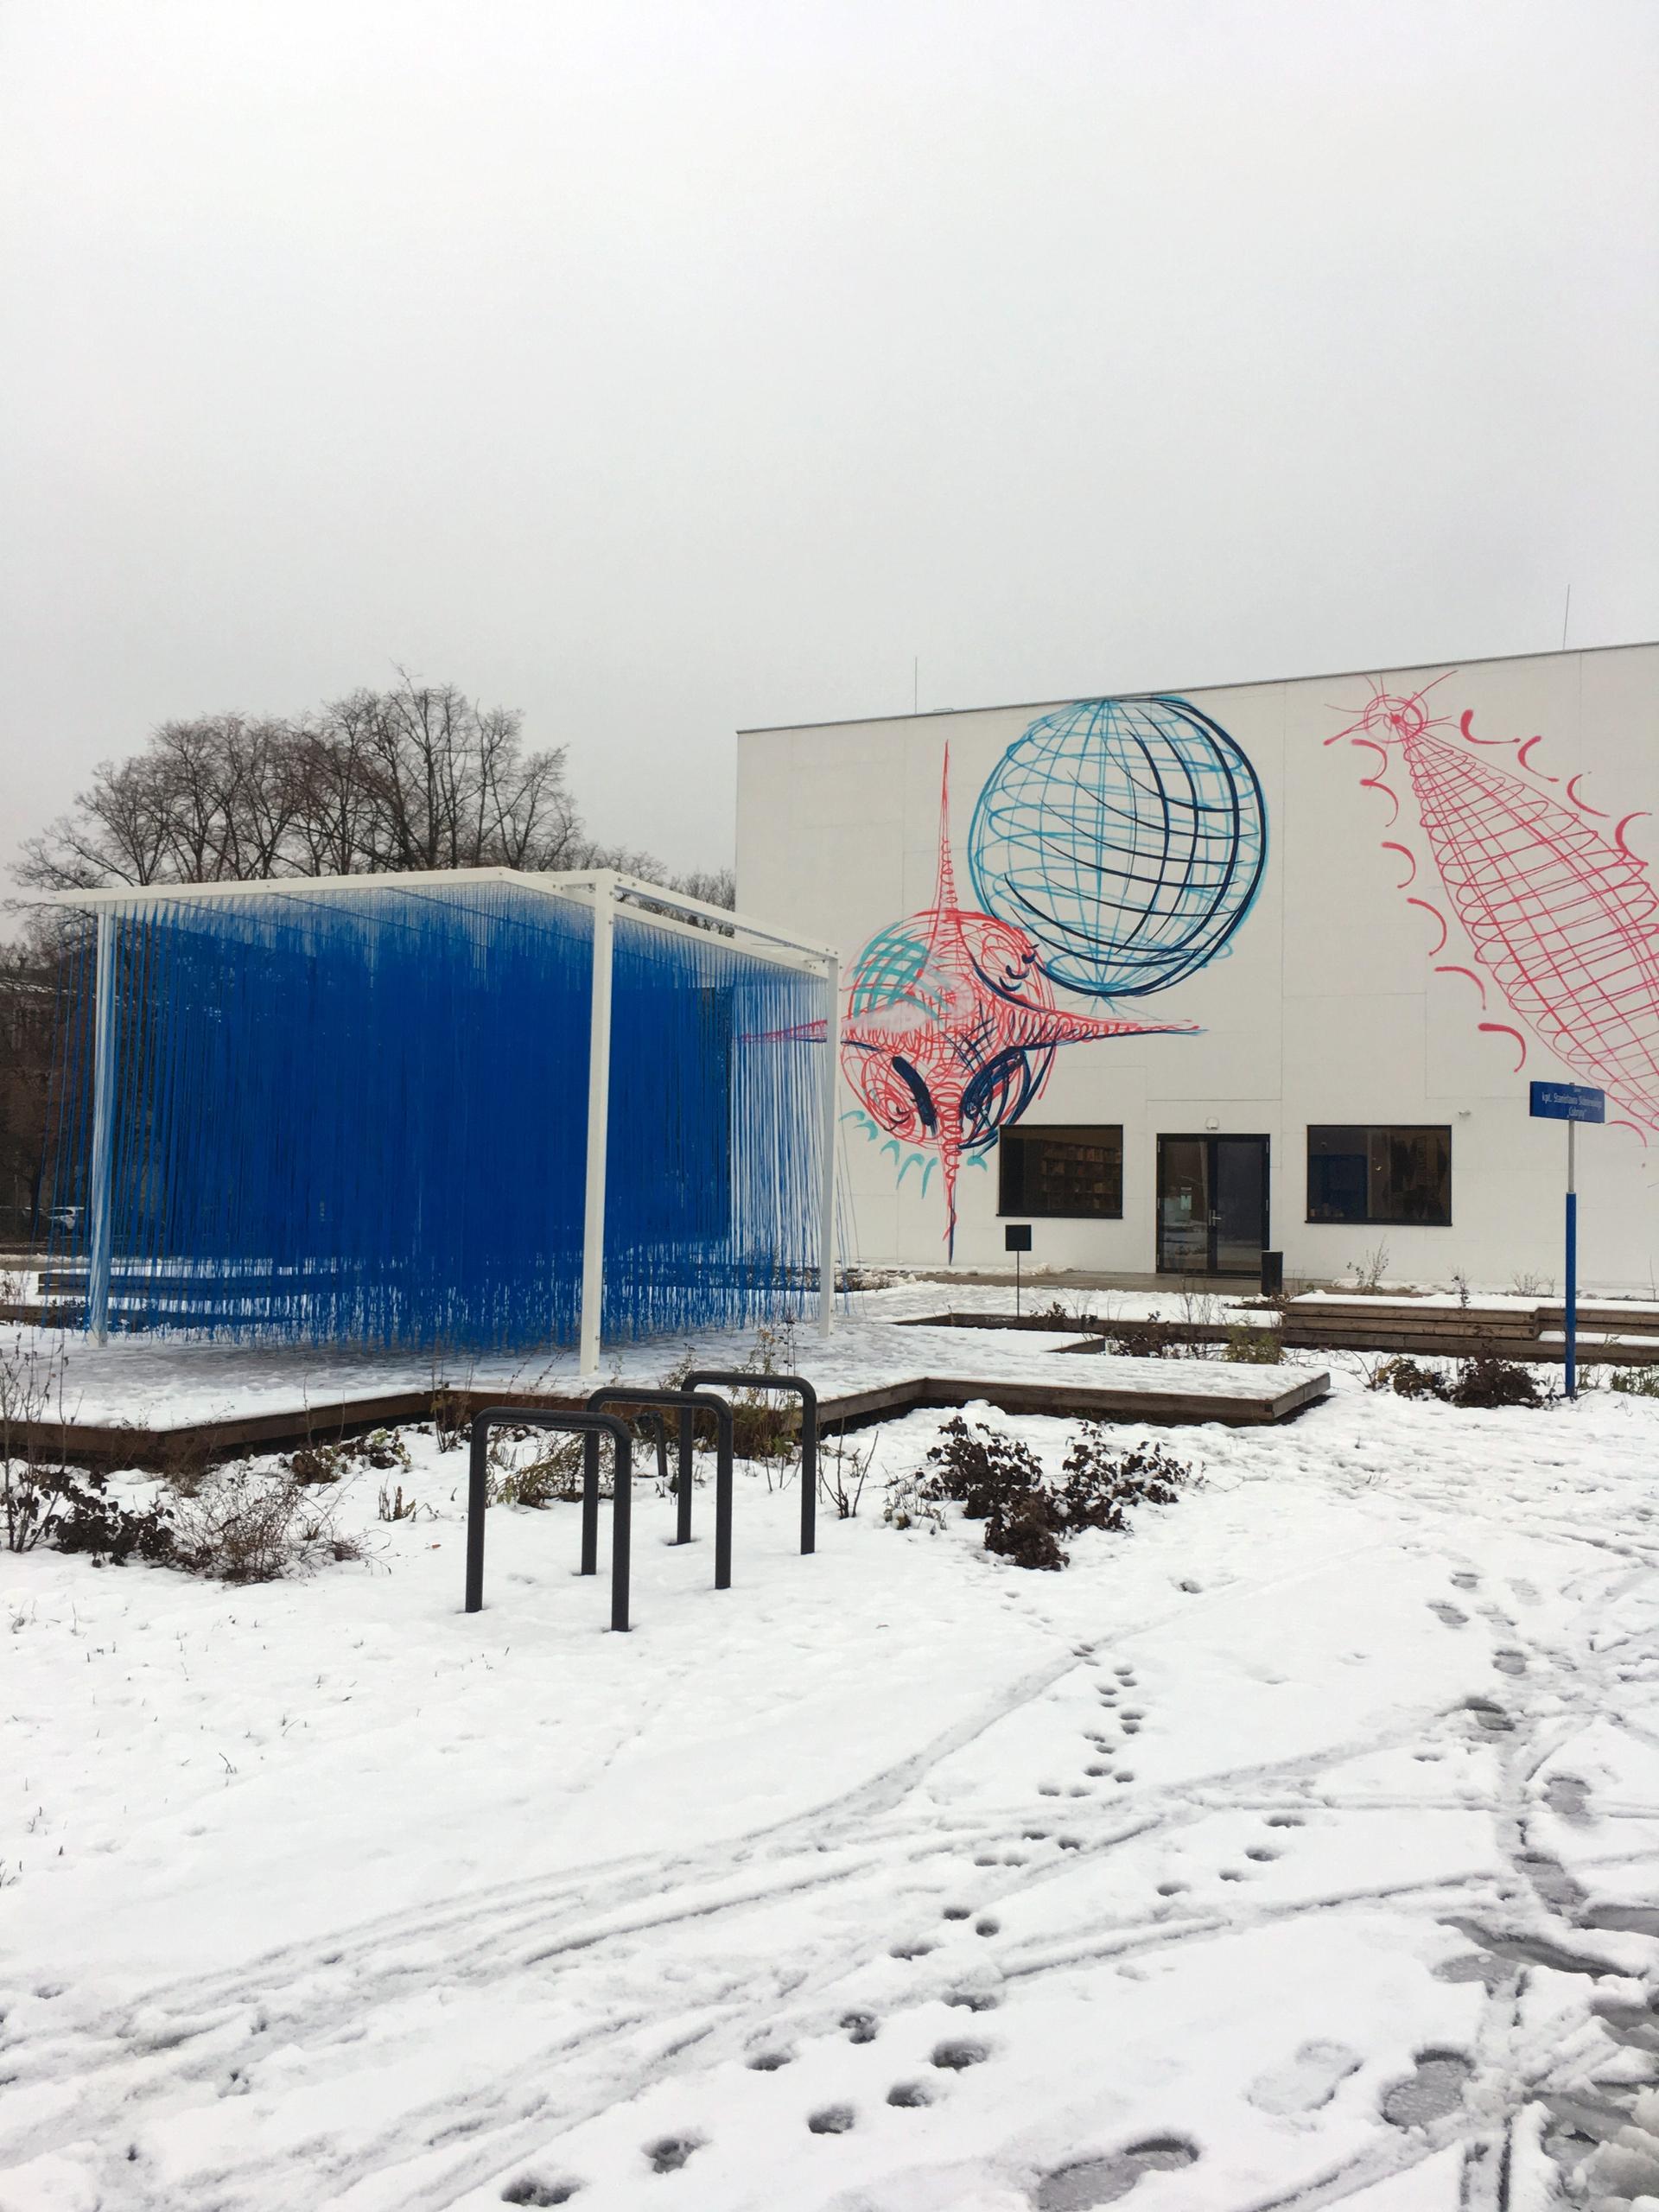 Zdjęcie przedstawia krajobraz. Widzimy biało-niebieską rzeźbę i budynek w tle. Ziemię pokrywa śnieg.